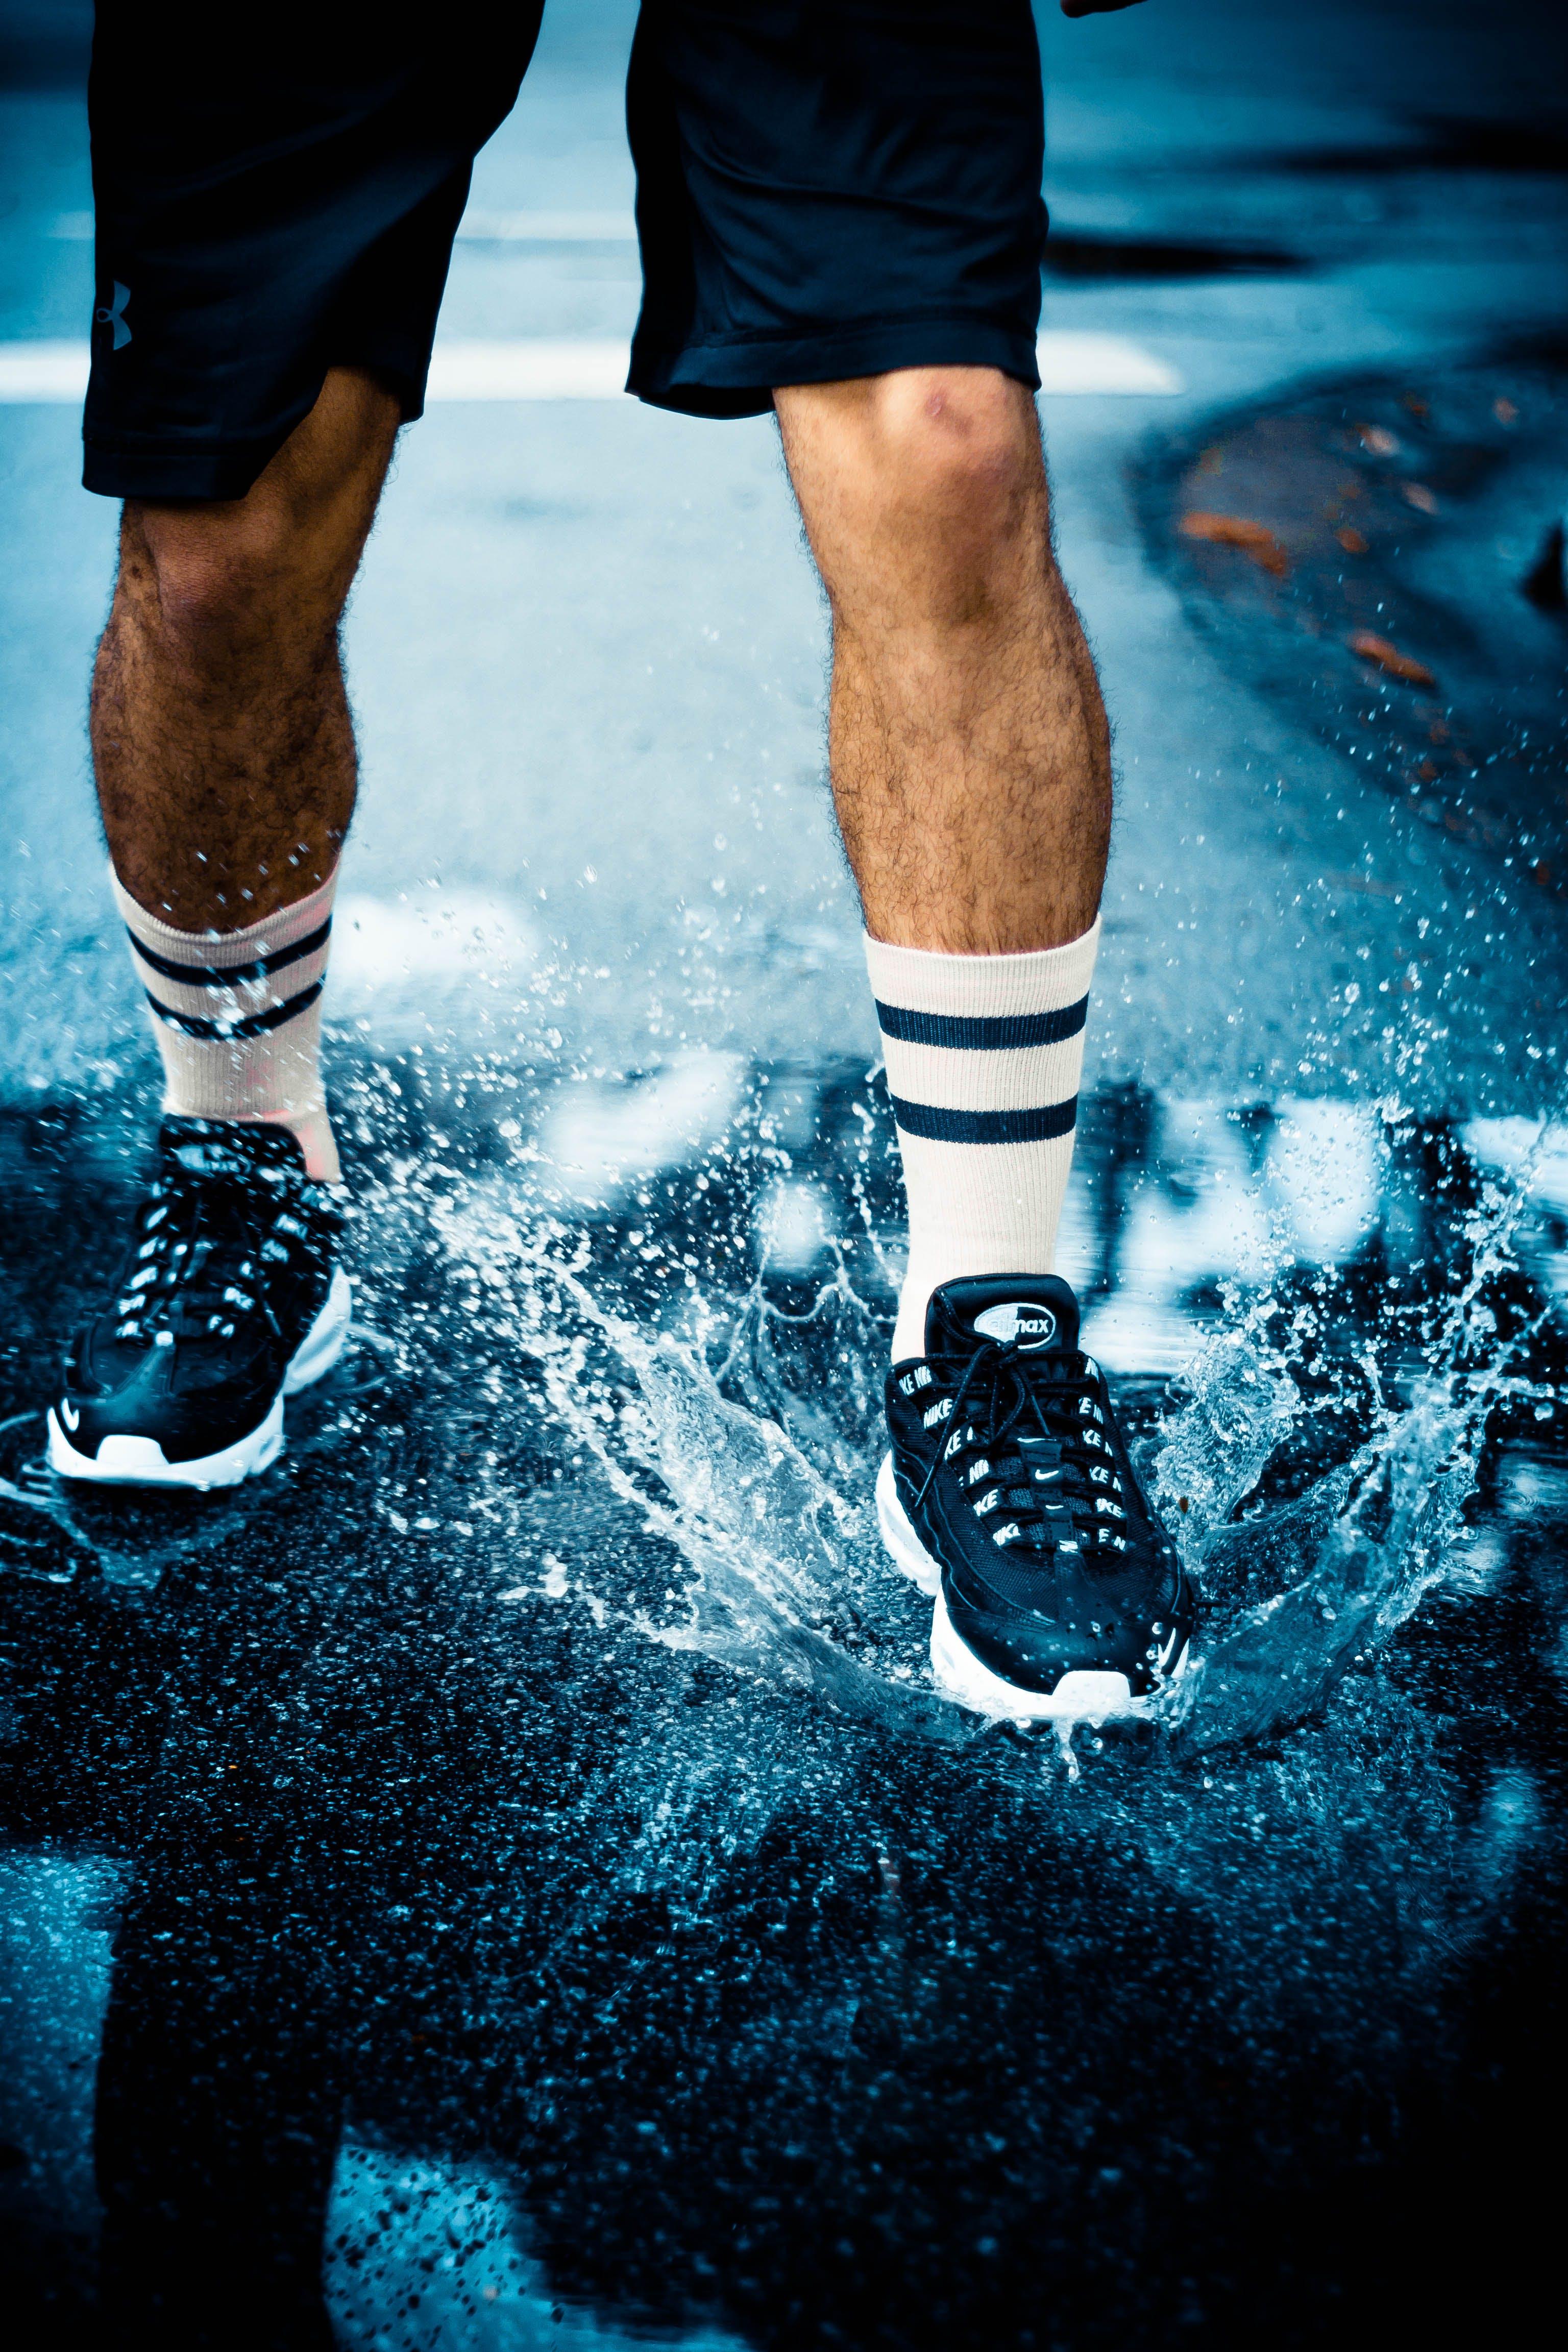 ayakkabı, ayakkabılar, sıçramak, Spor ayakkabılar içeren Ücretsiz stok fotoğraf